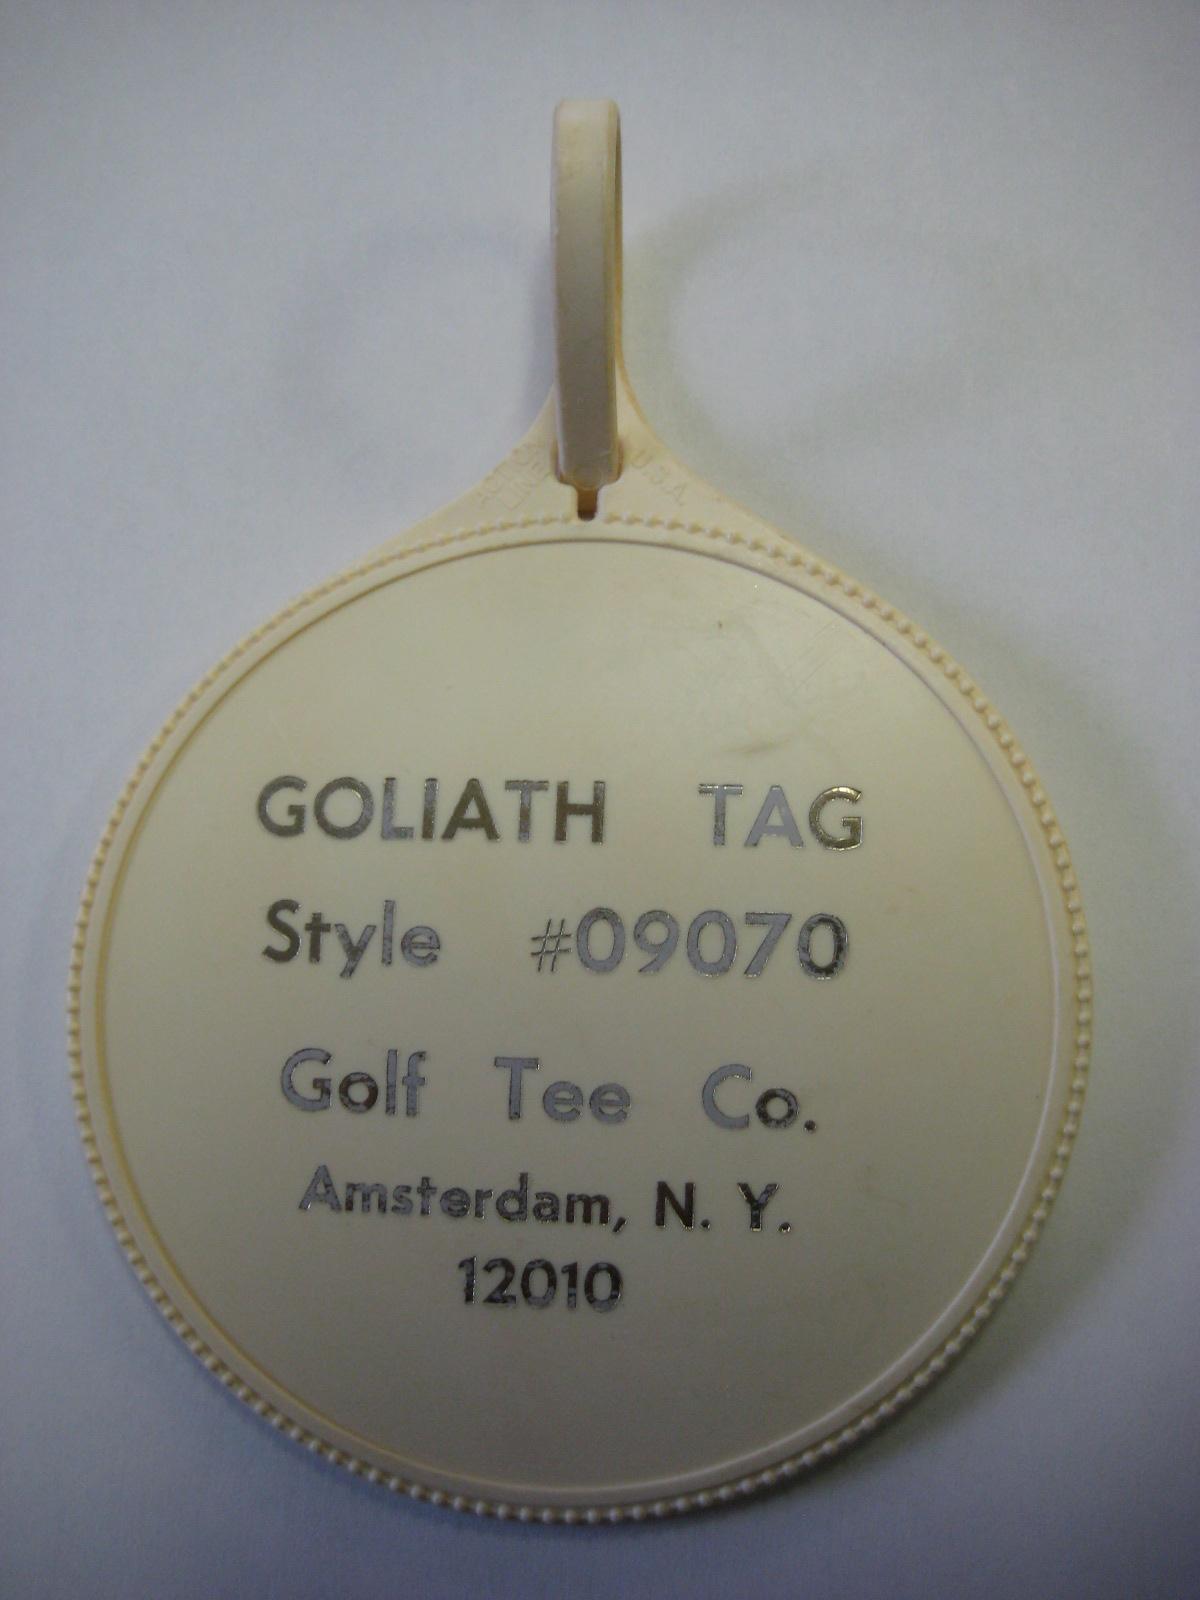 Playboy Club Hotel Golf Tag Prototype